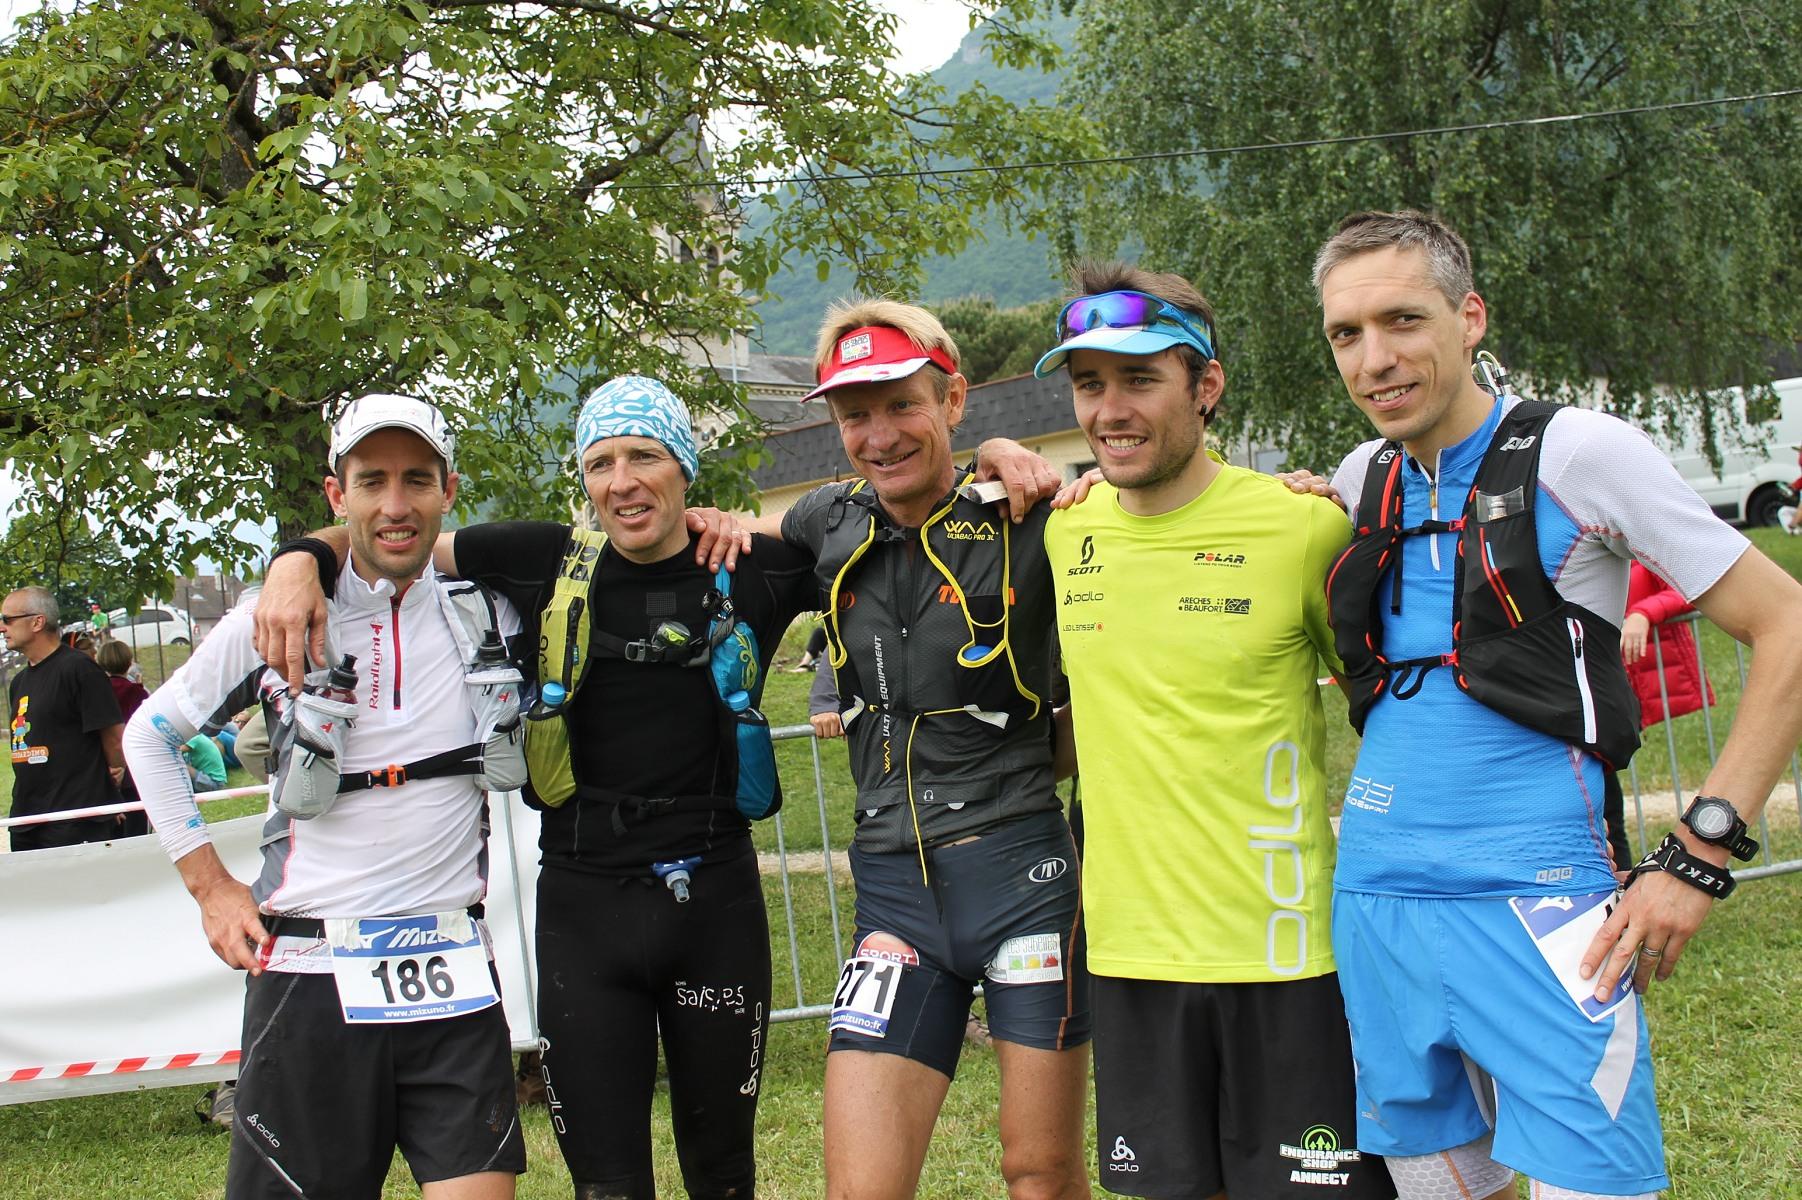 Les 5 premiers hommes du parcours long bis1 - GRAND RAID 73 / 23-05-15 : Résultats et reportage par Alexandre Garin